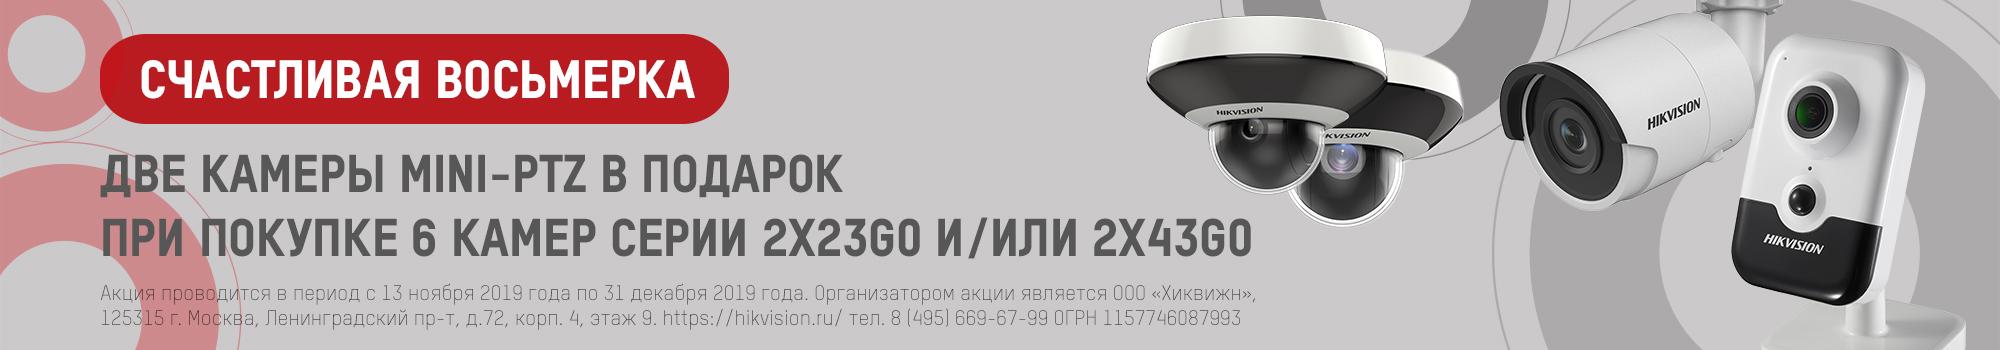 banner_8-ka_2000x3502